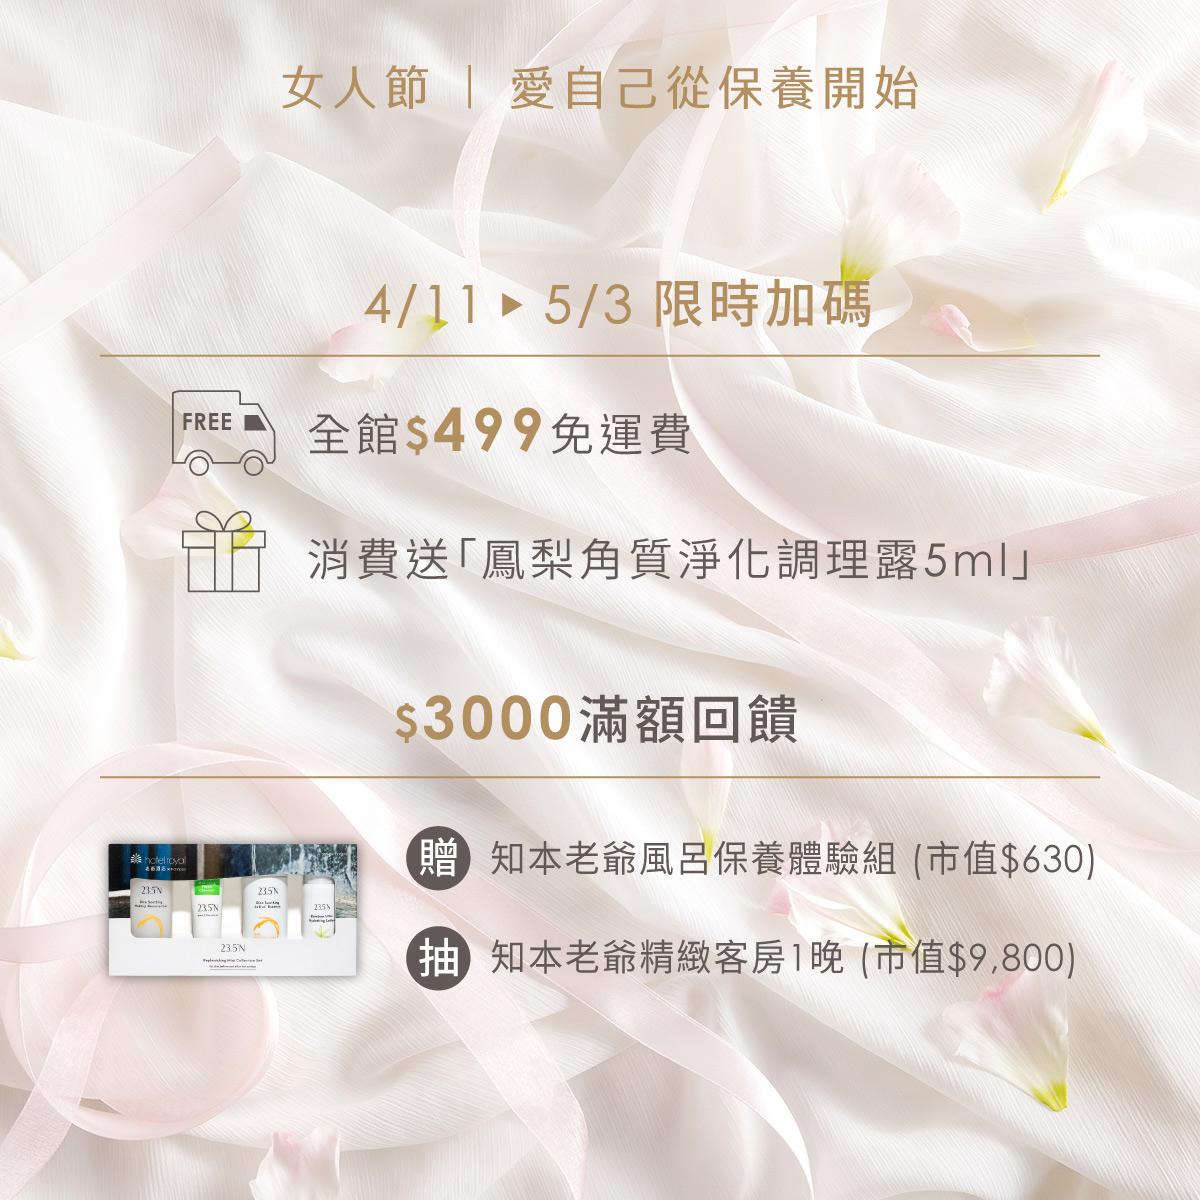 ad-m-banner